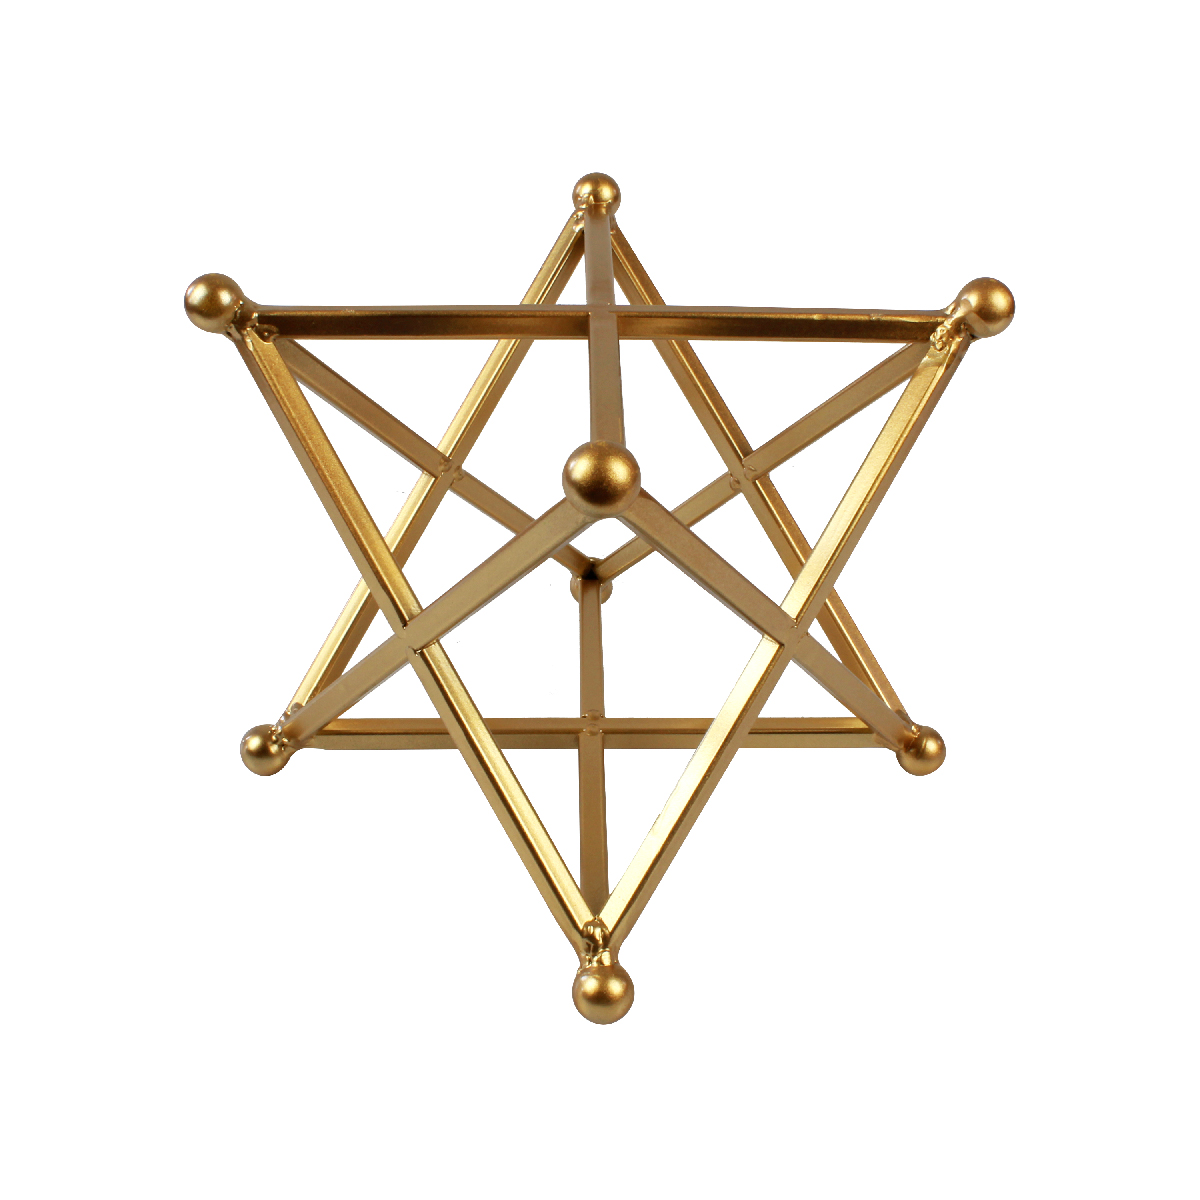 Escultura Decorativa Geométrica Em Metal Dourada Verito